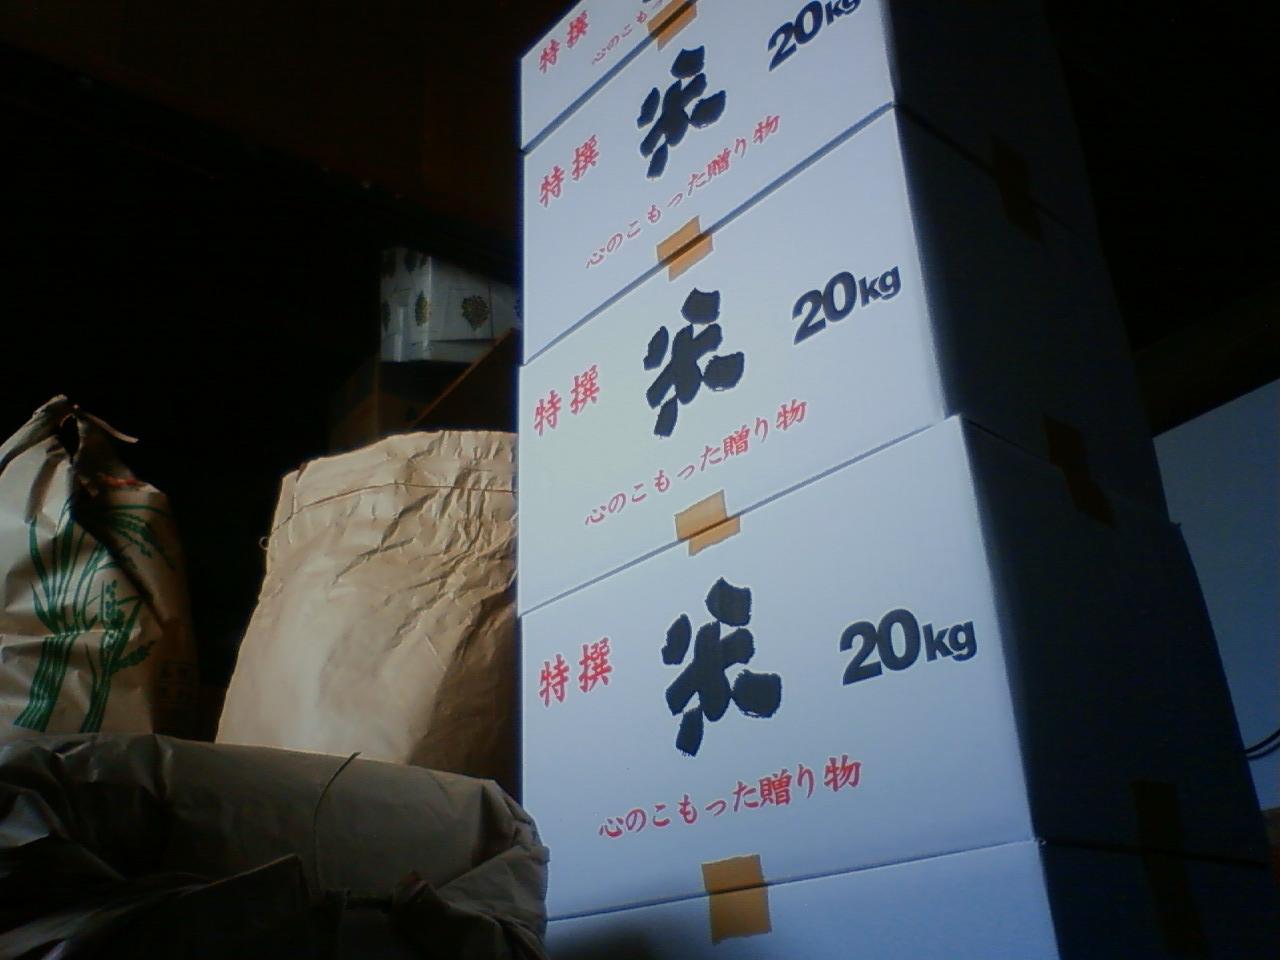 201009201125001.jpg